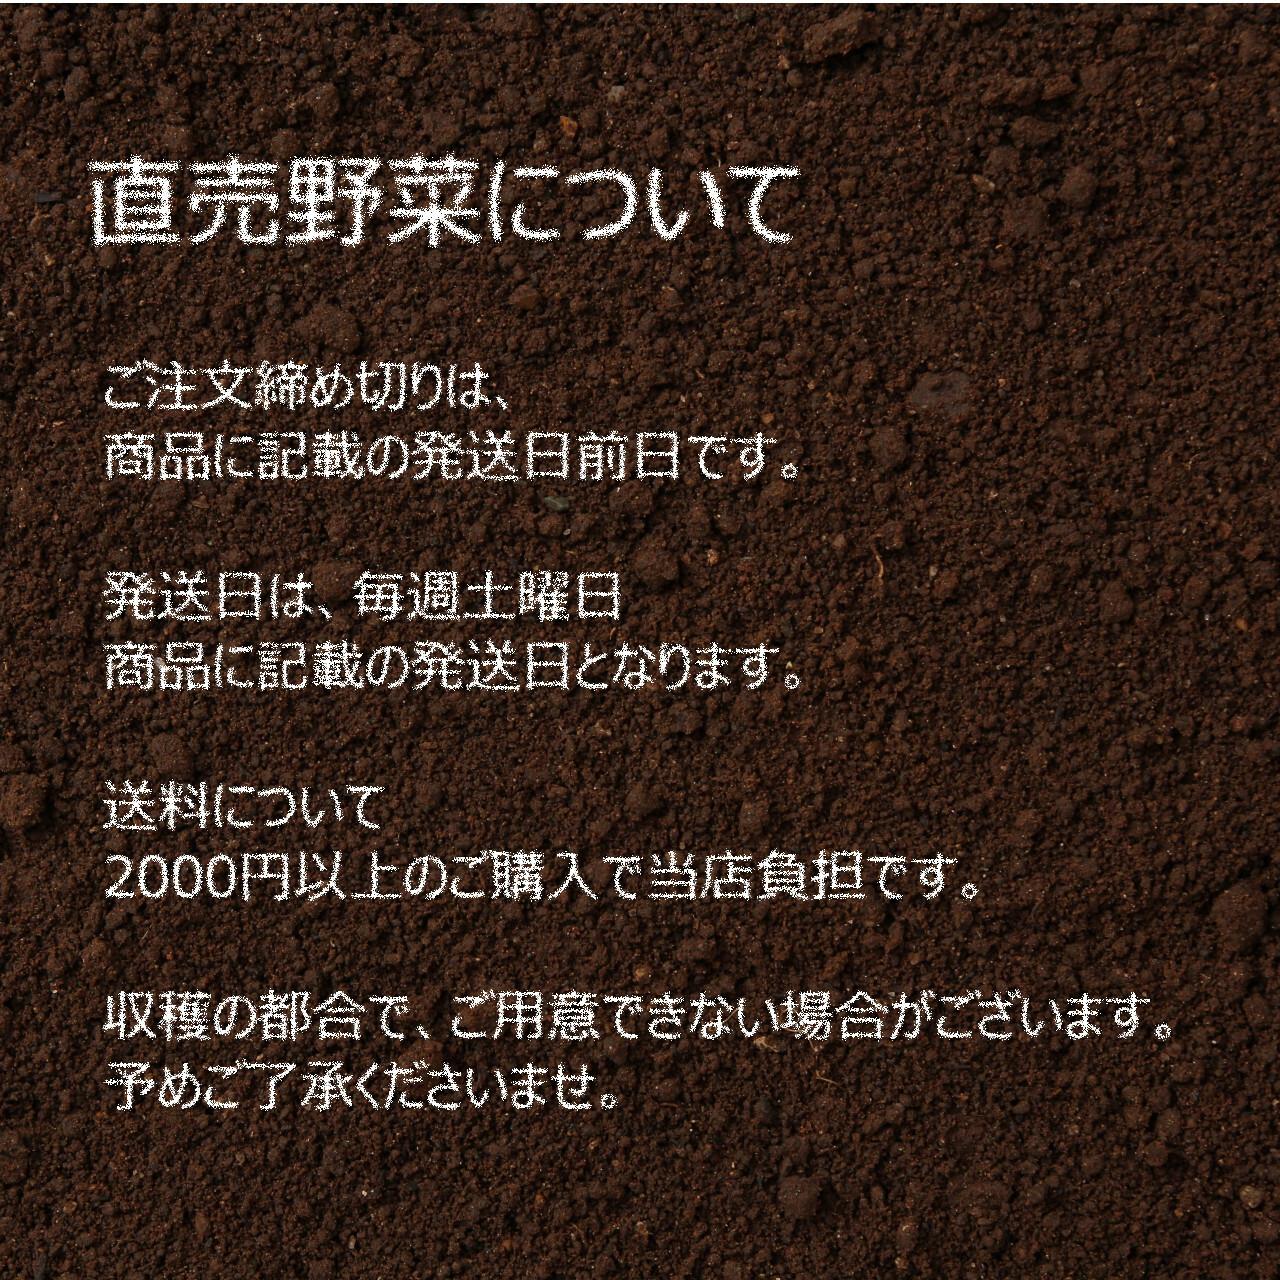 10月の朝採り直売野菜 : ブロッコリー 約 1個: 新鮮な秋野菜 10月26日発送予定